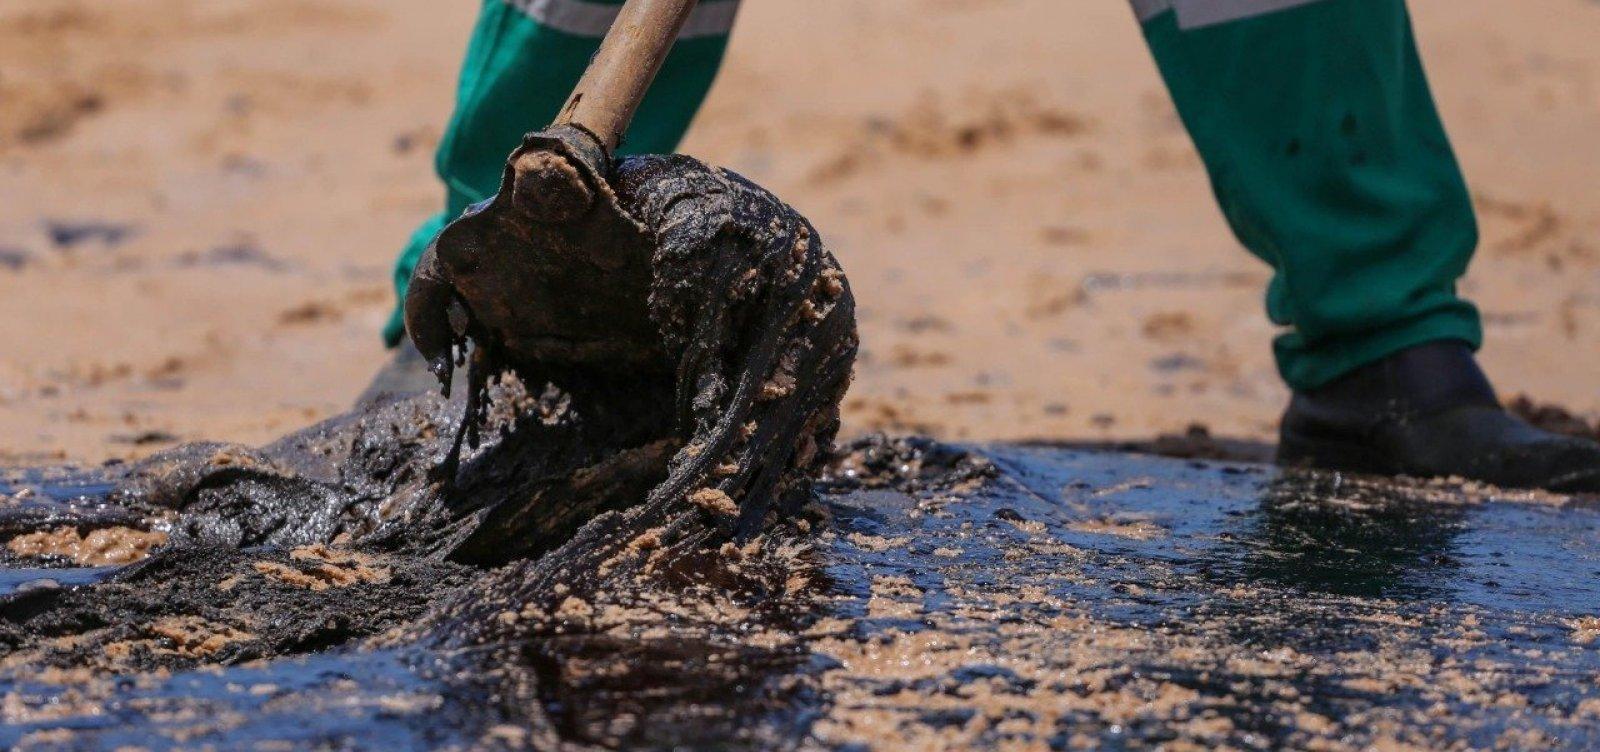 Multa por vazamento de óleo no Nordeste pode chegar a R$ 50 mi, diz jornal